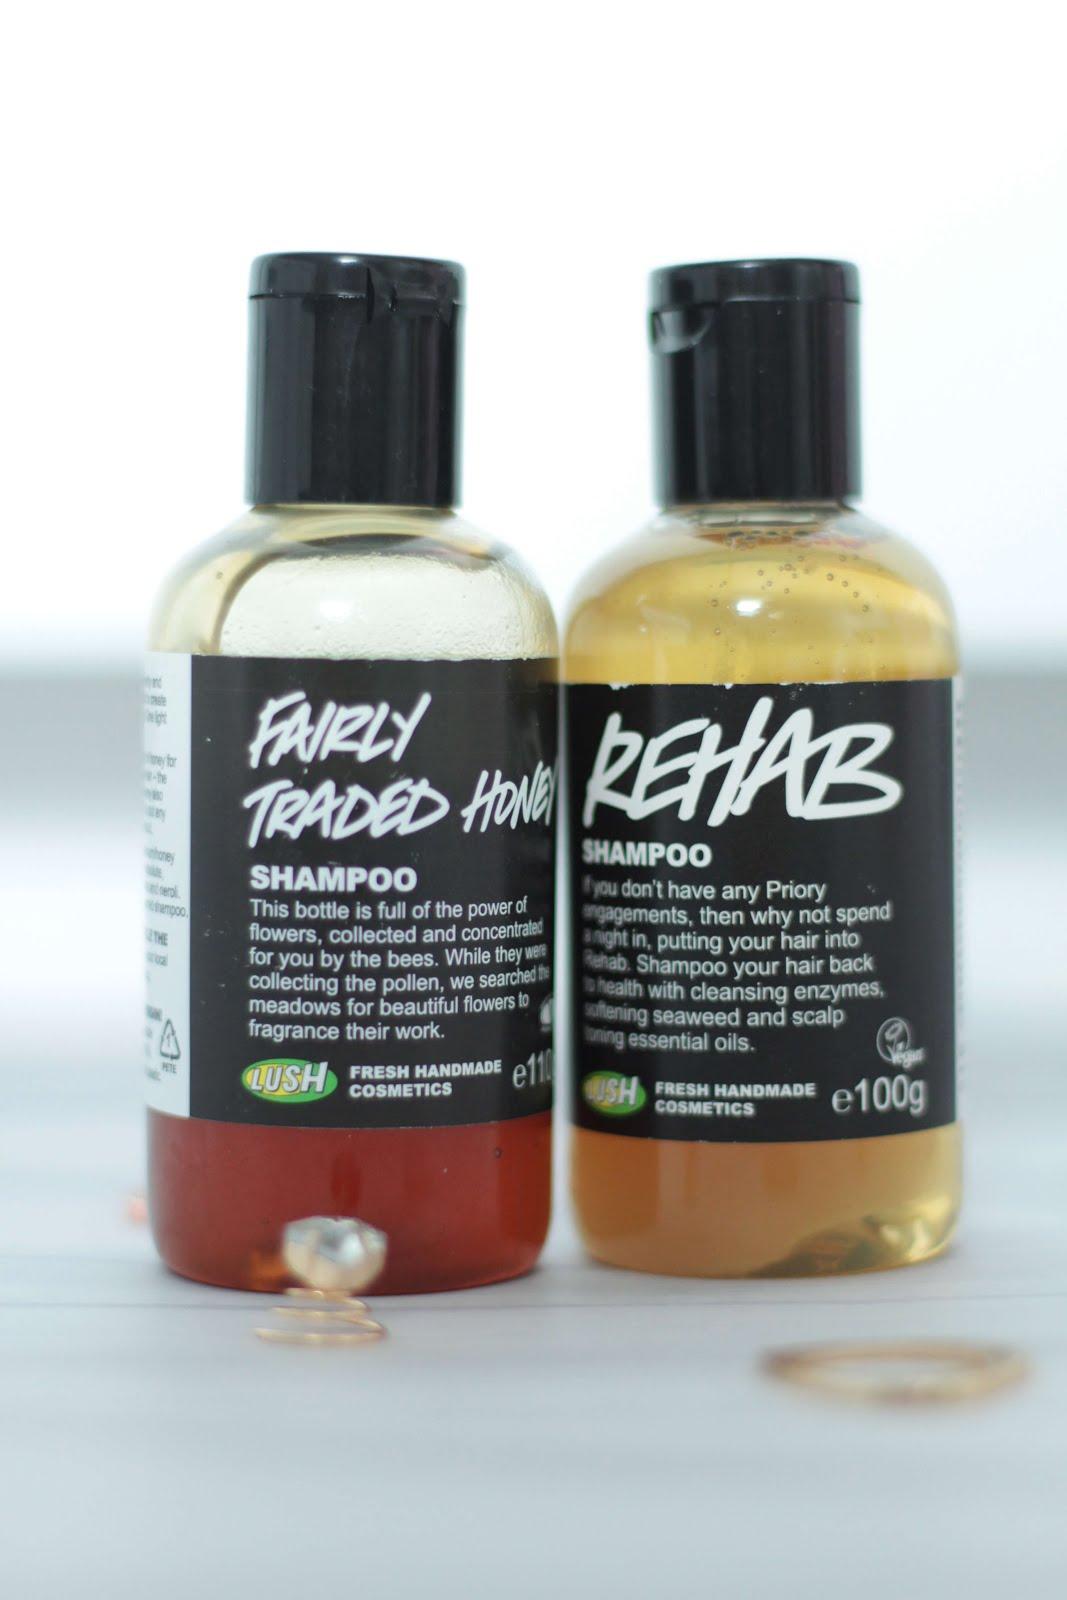 Lush rehab and fairly traded honey shampoo review